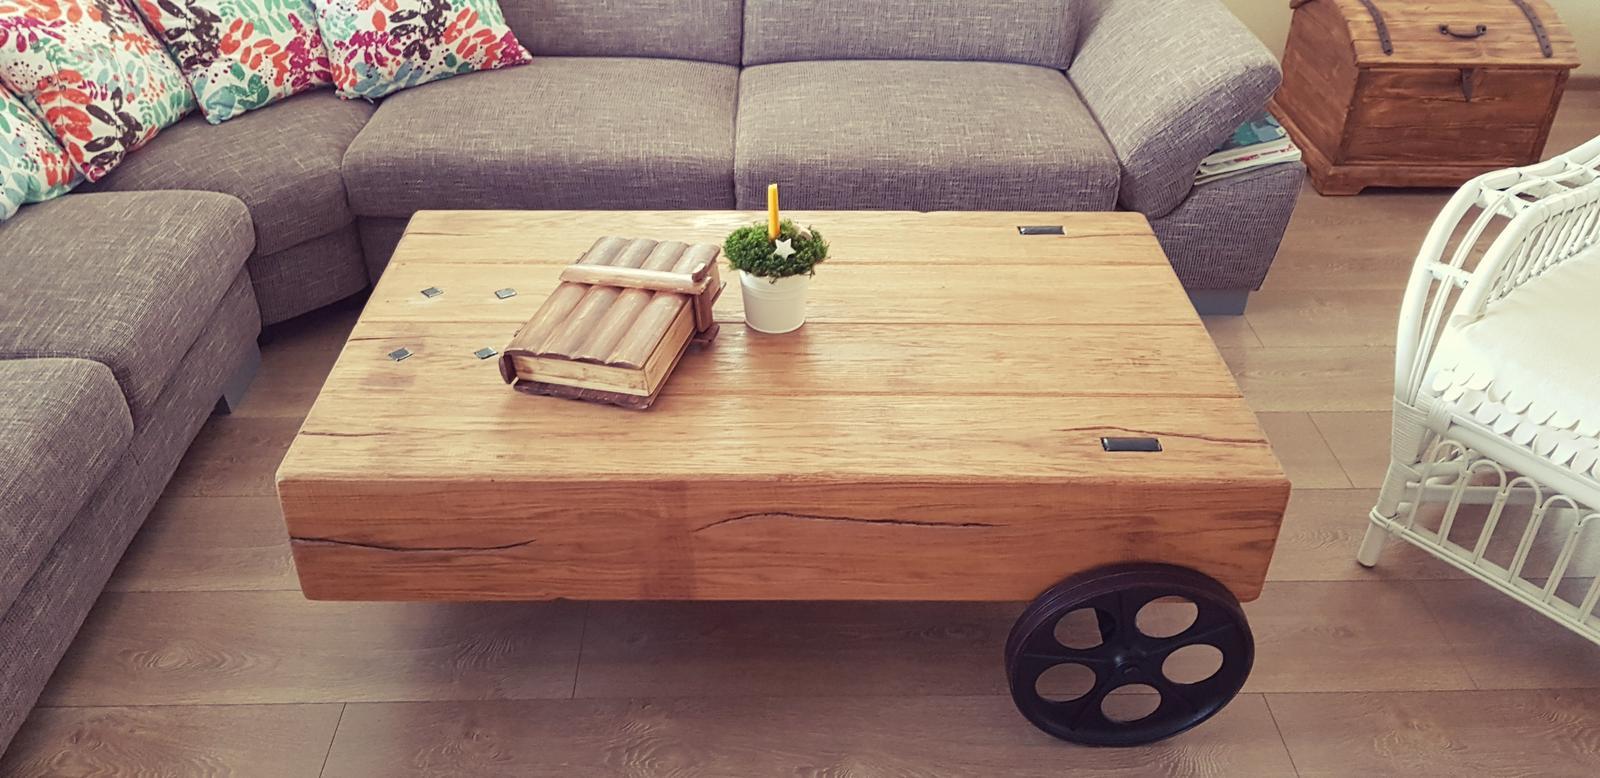 Vitajte u nás :) - Krásny dubový stôl s povrchovou úpravou olejovaním...